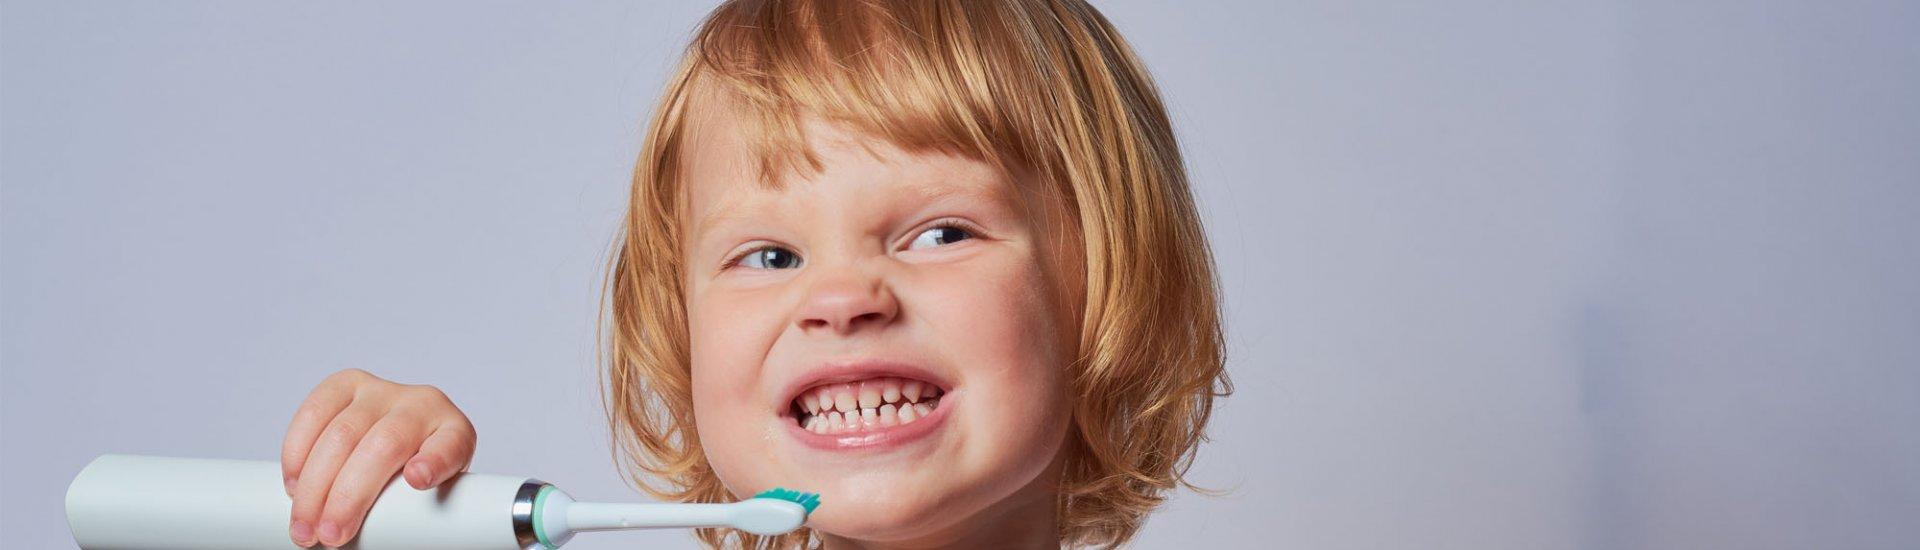 Schallzahnbürsten für Kinder für die tägliche Mundhygiene